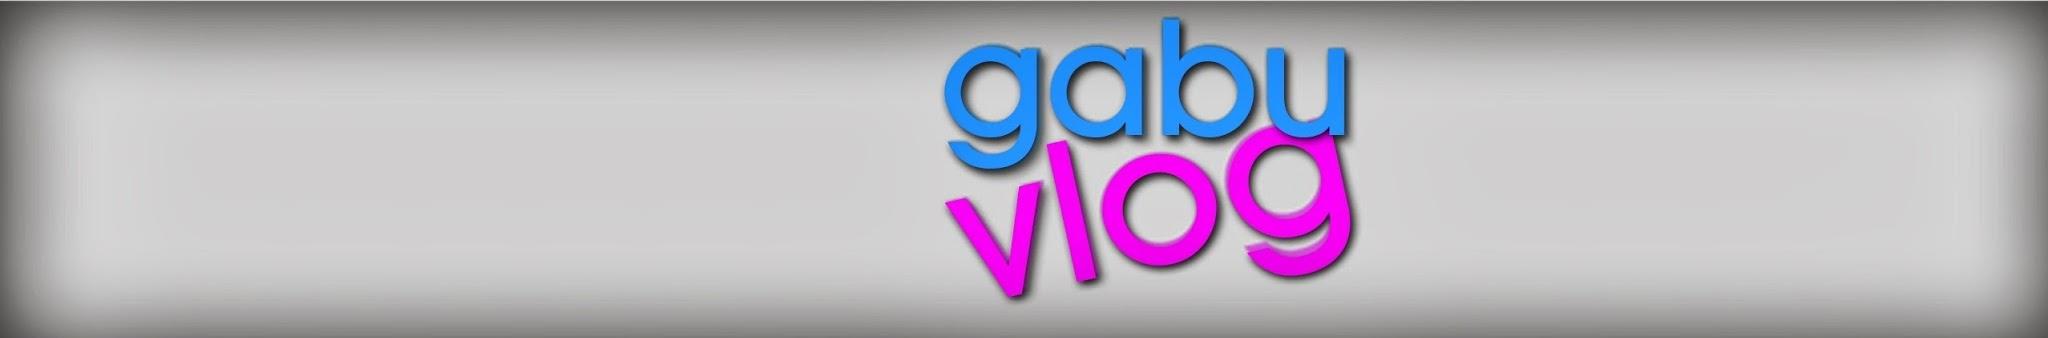 GabuVlog